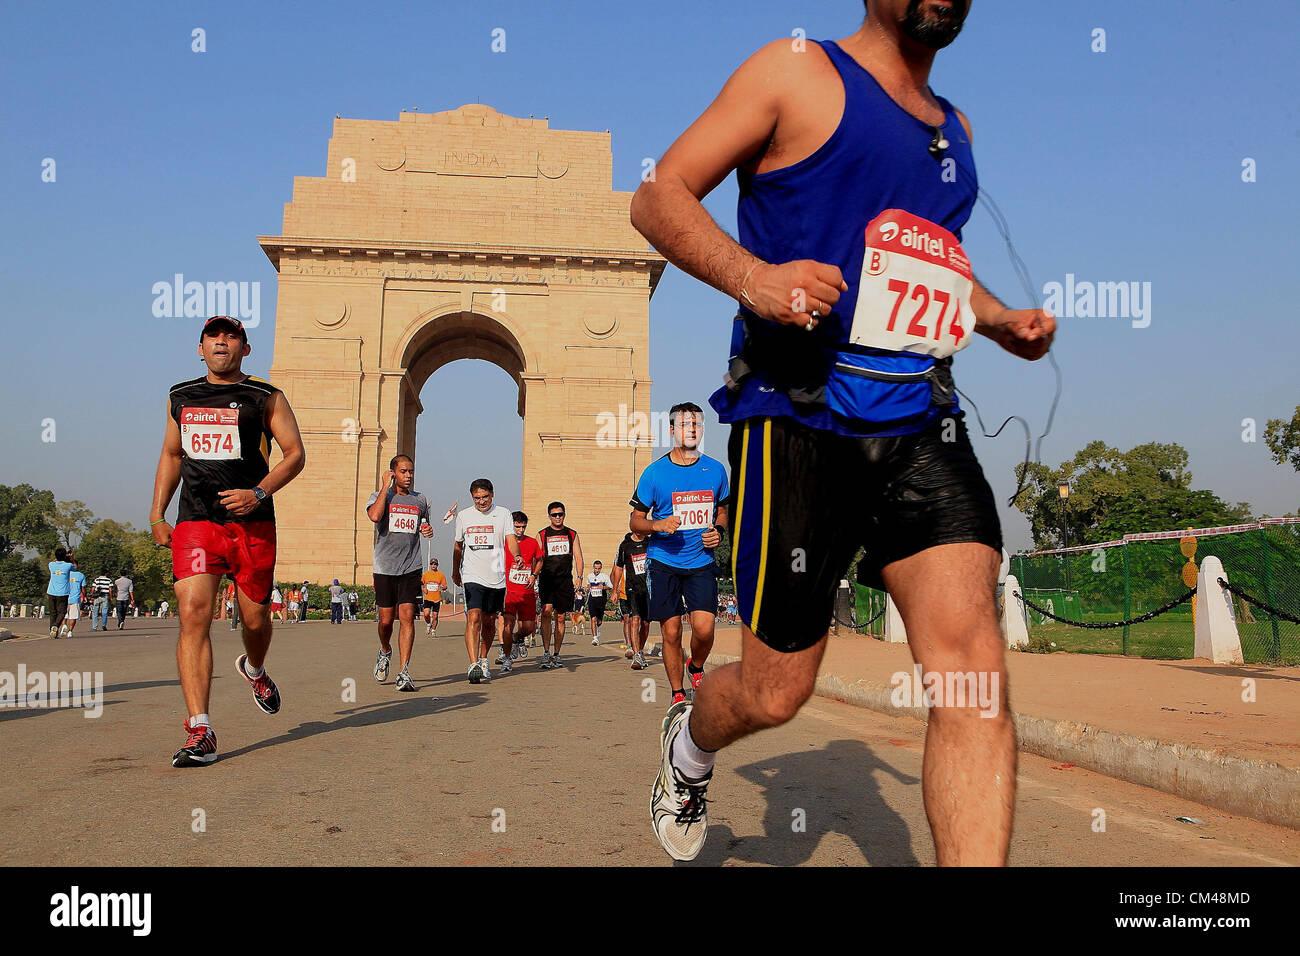 Sett. 30, 2012 - New Delhi, India - Delhi residenti partecipano in New Delhi Mezza Maratona come hanno gestito dalla famosa New Delhi landmark, l'India Gate. (Credito Immagine: © Subhash Sharma/ZUMAPRESS.com) Foto Stock